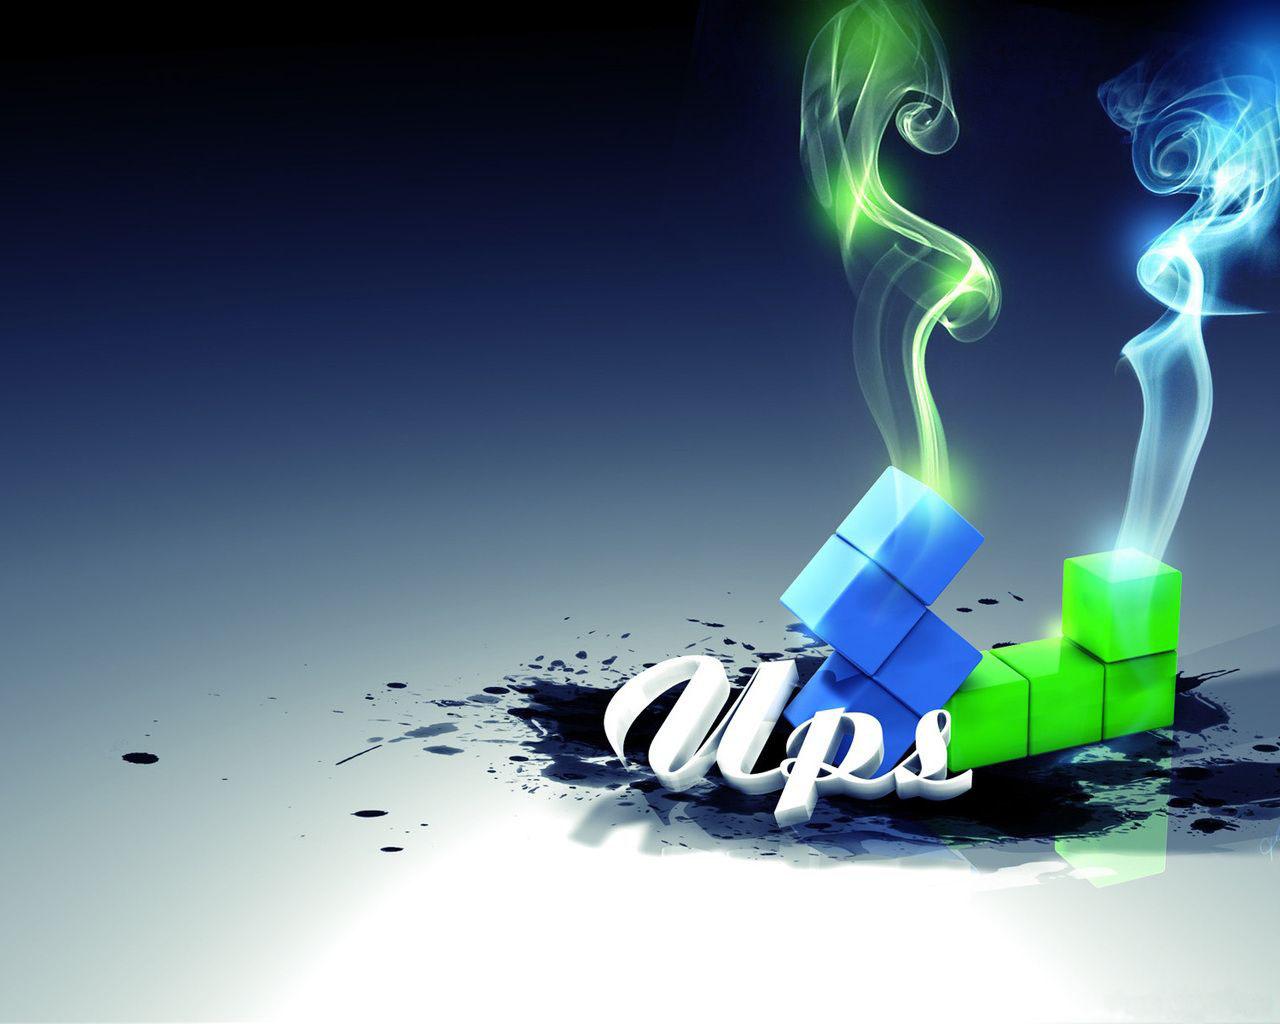 http://4.bp.blogspot.com/-S3rEtsI09ao/Tlk27x1bEsI/AAAAAAAADcc/oGf3b17f1OY/s1600/3d_HD_desktop__wallpaper3.jpg